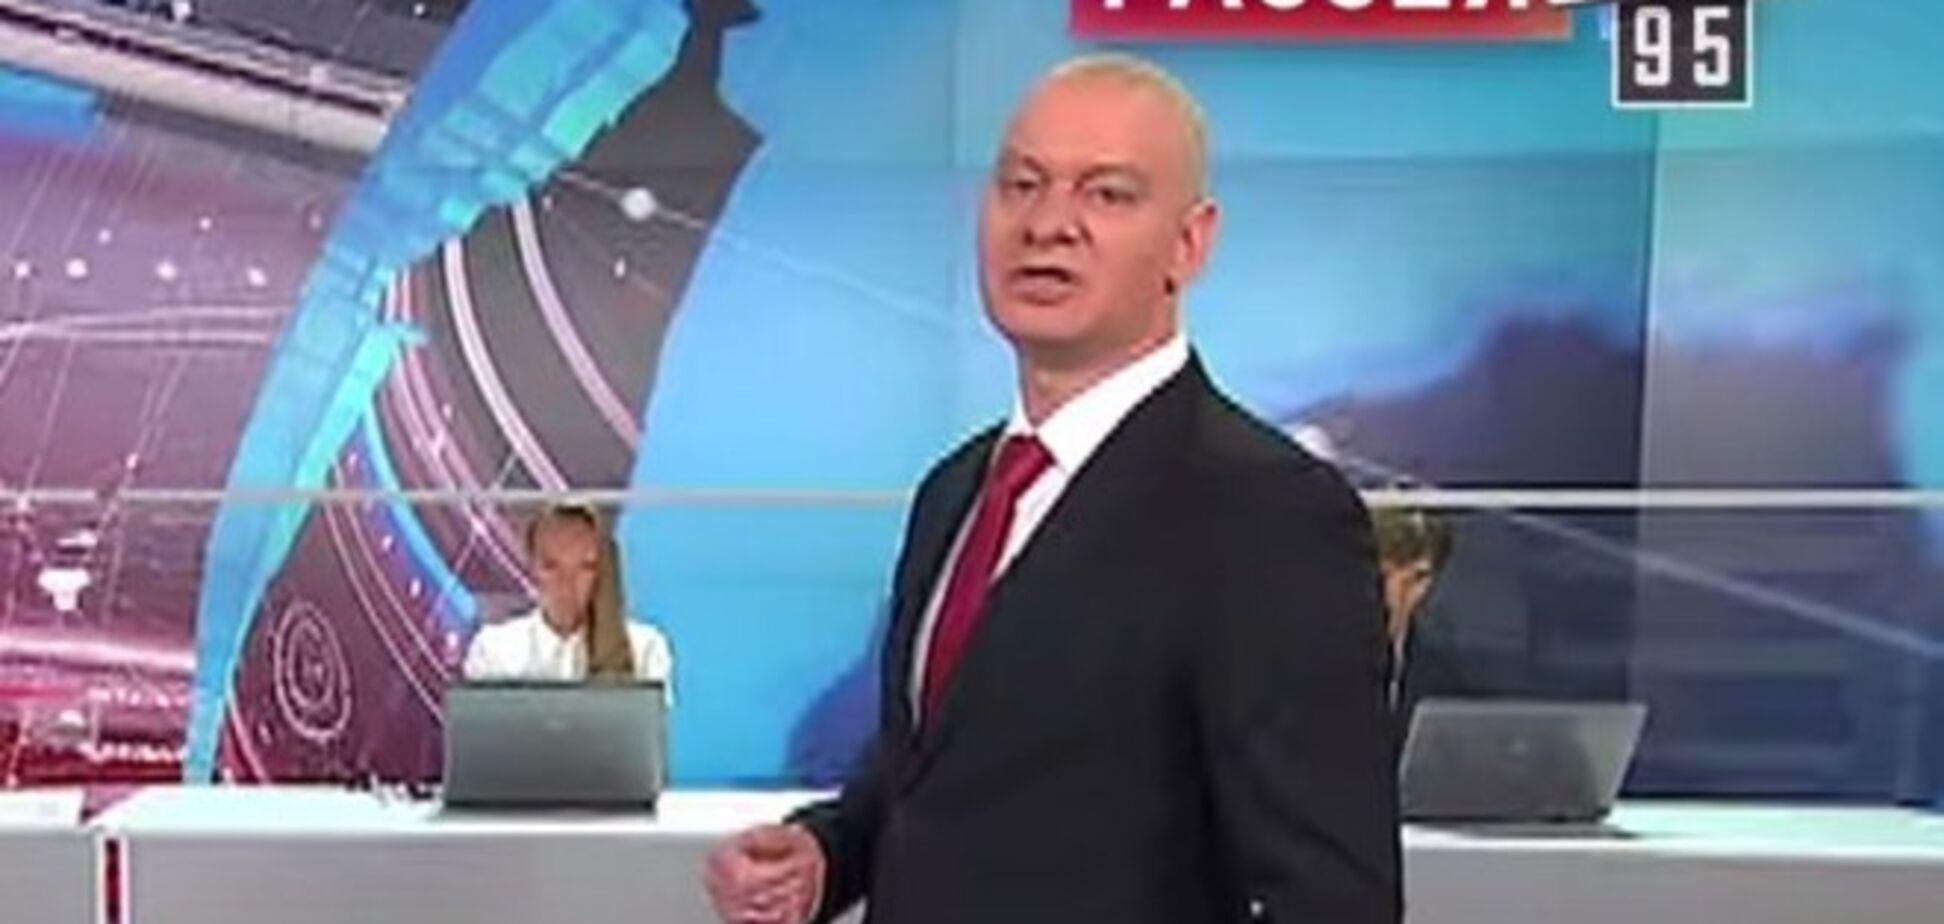 Лжец, лжец. 'Квартал-95' снял пародию про Дмитрия Киселева